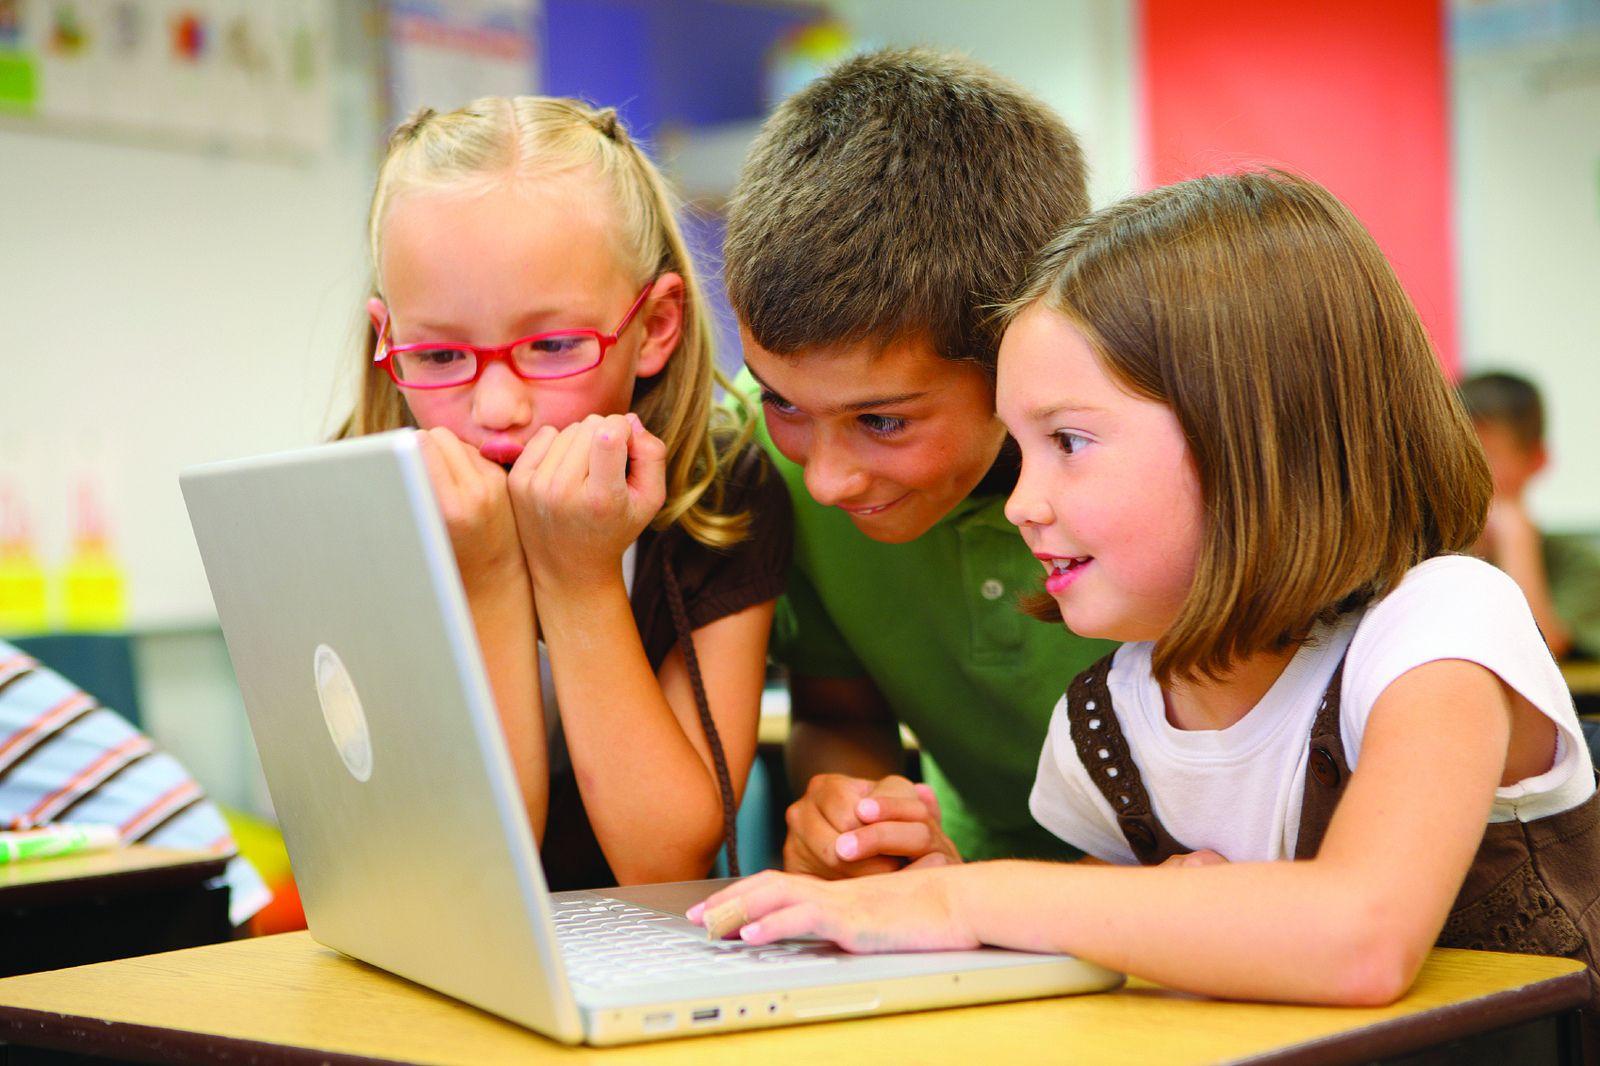 Рейтинг лучших детских интернет магазинов 2021 года